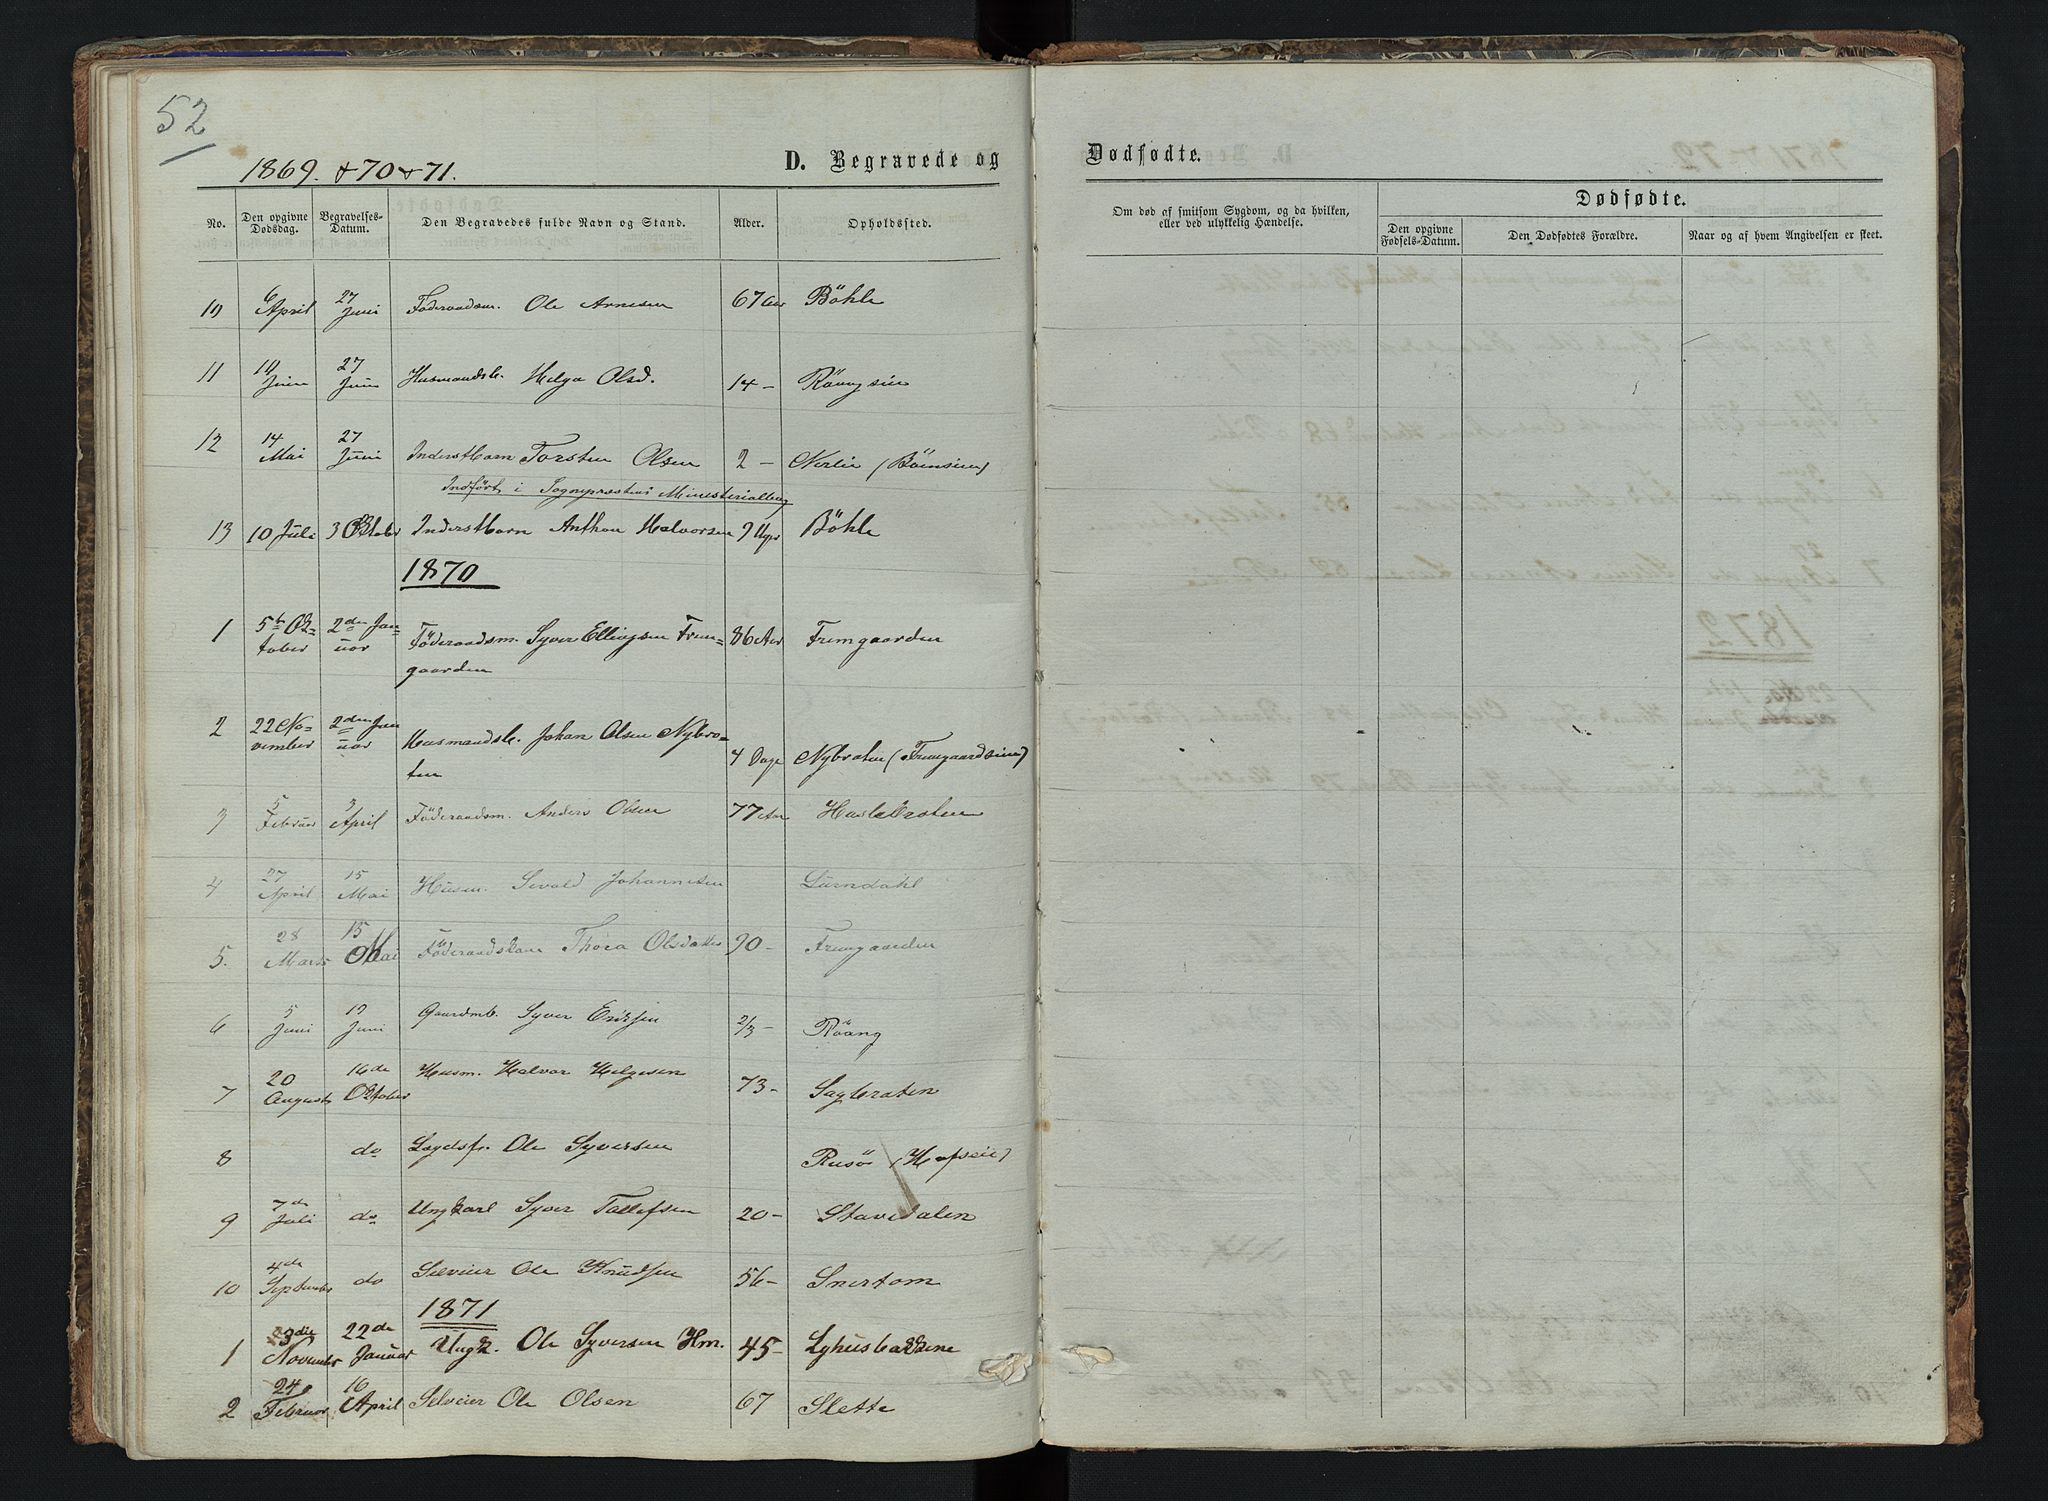 SAH, Sør-Aurdal prestekontor, Klokkerbok nr. 6, 1866-1893, s. 52